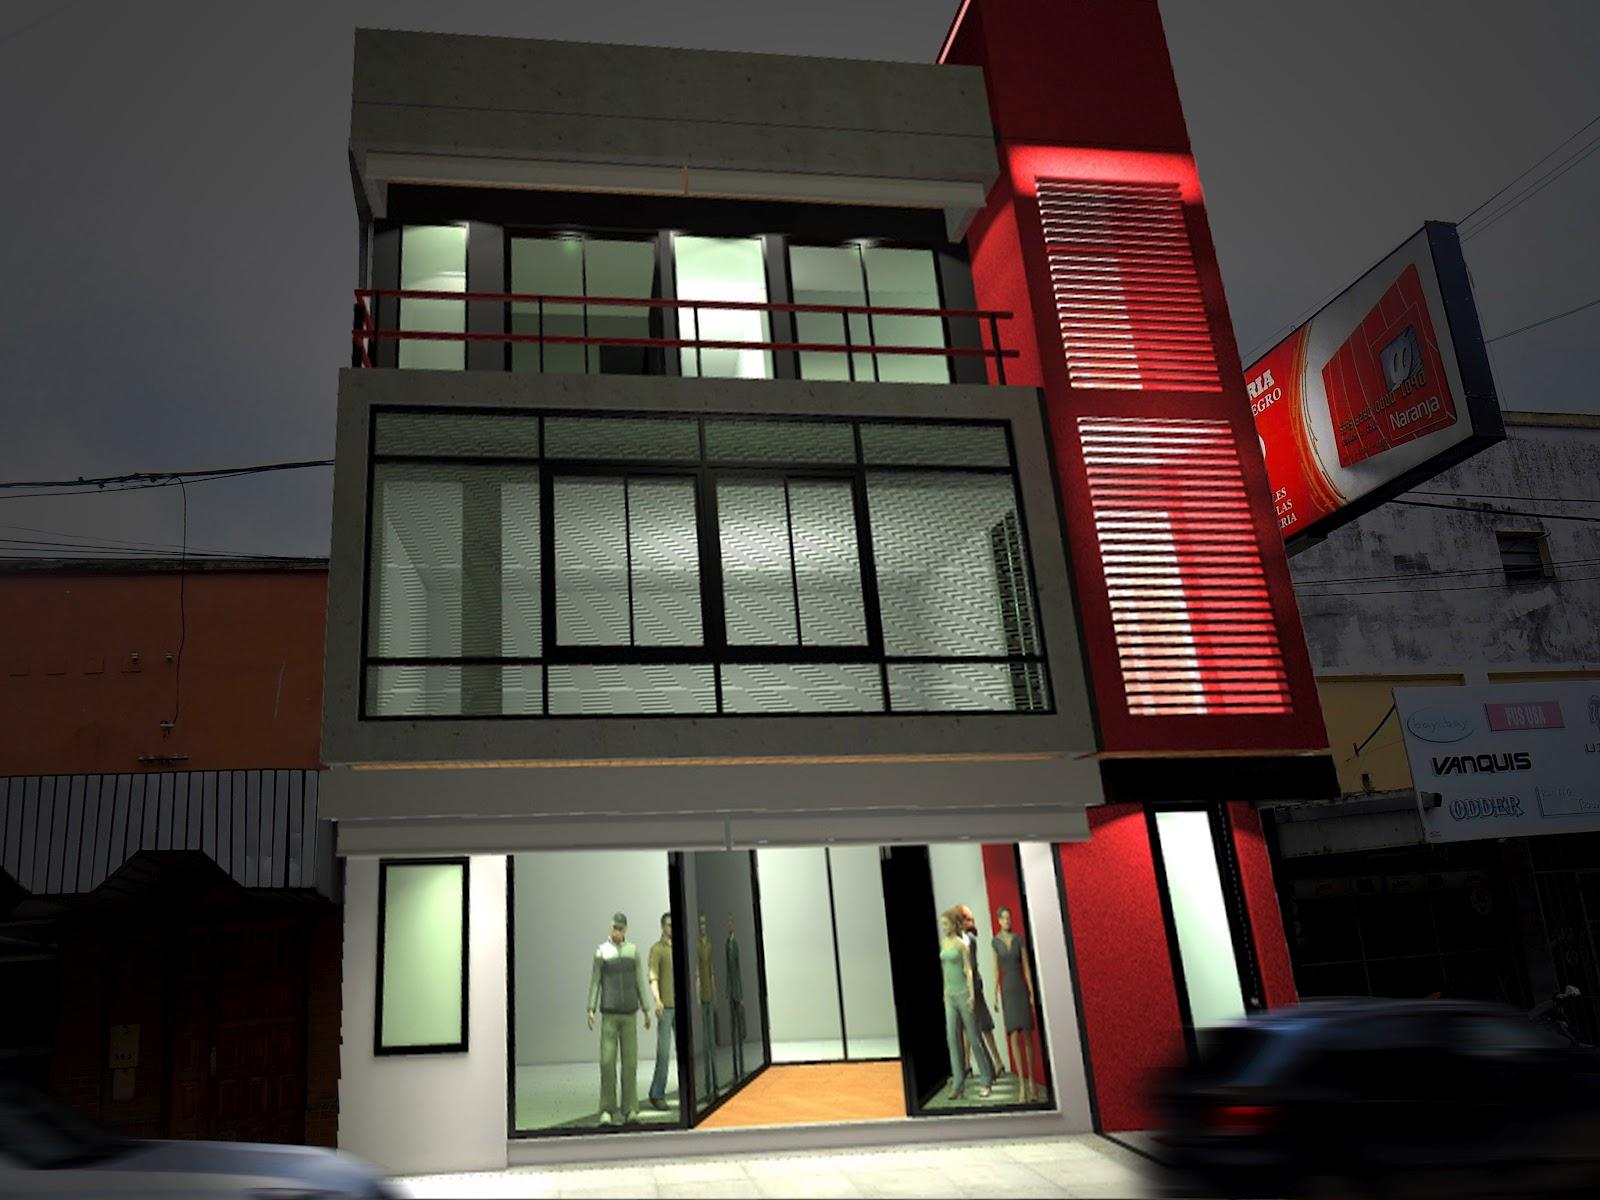 Iu arquitectura y dise o dise o express iuarq fachada for Diseno de edificios